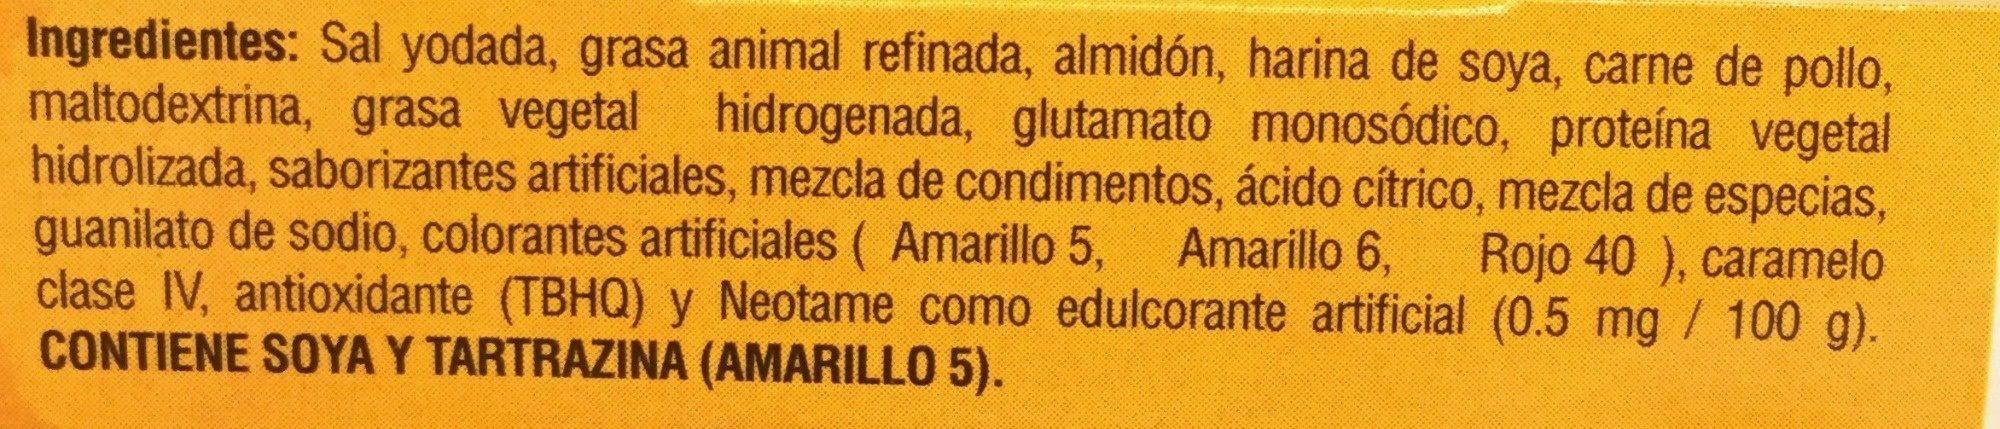 CALDO DE POLLO - Ingredients